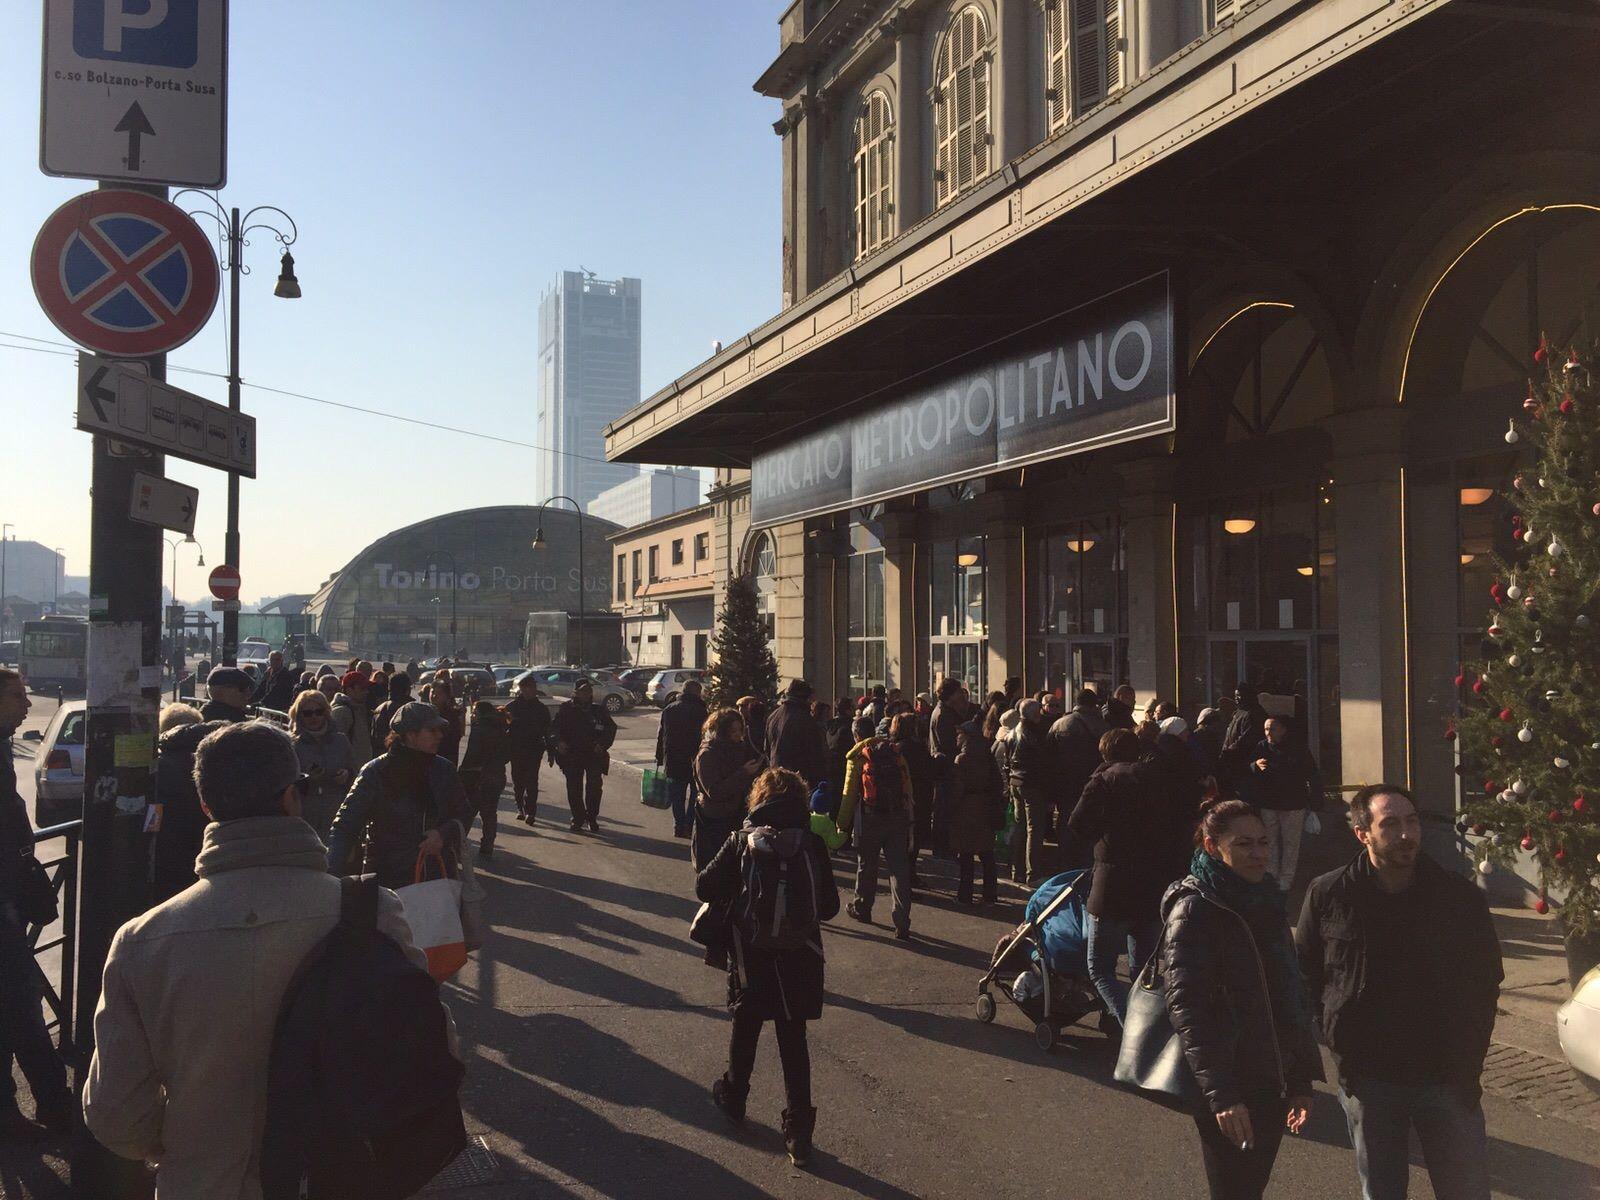 Mercato metropolitano torino a porta susa - Orari treni milano torino porta susa ...